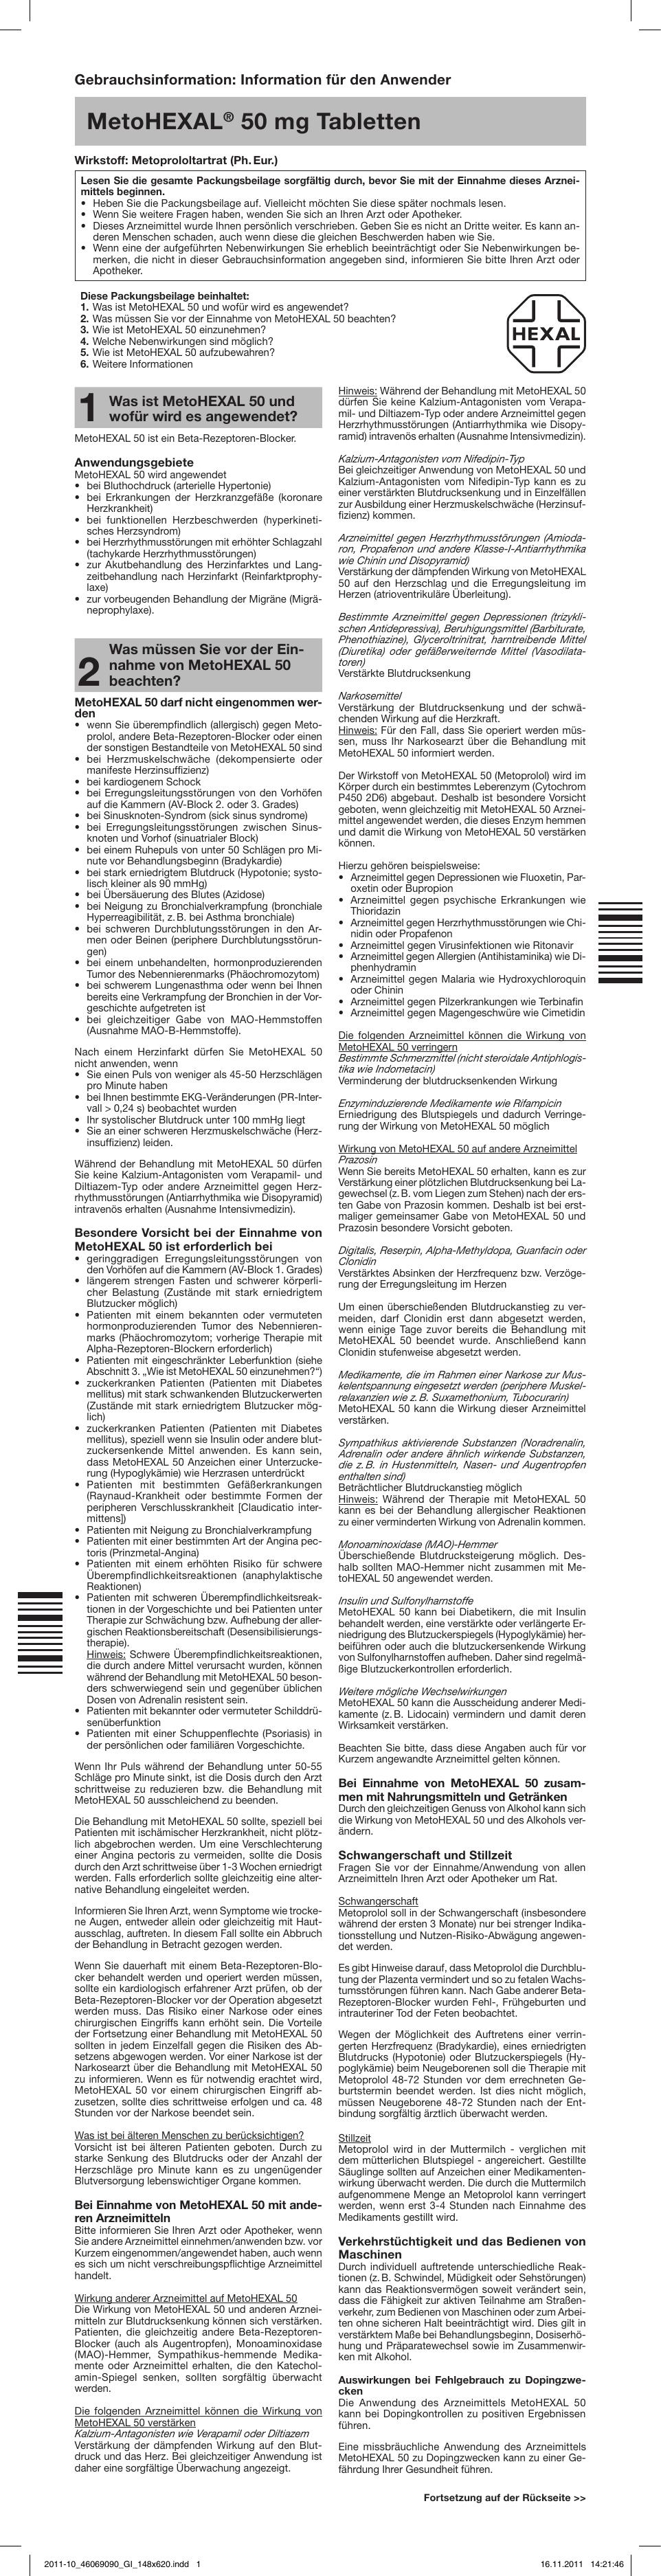 MetoHEXAL® 50 mg Tabletten - medikamente-per